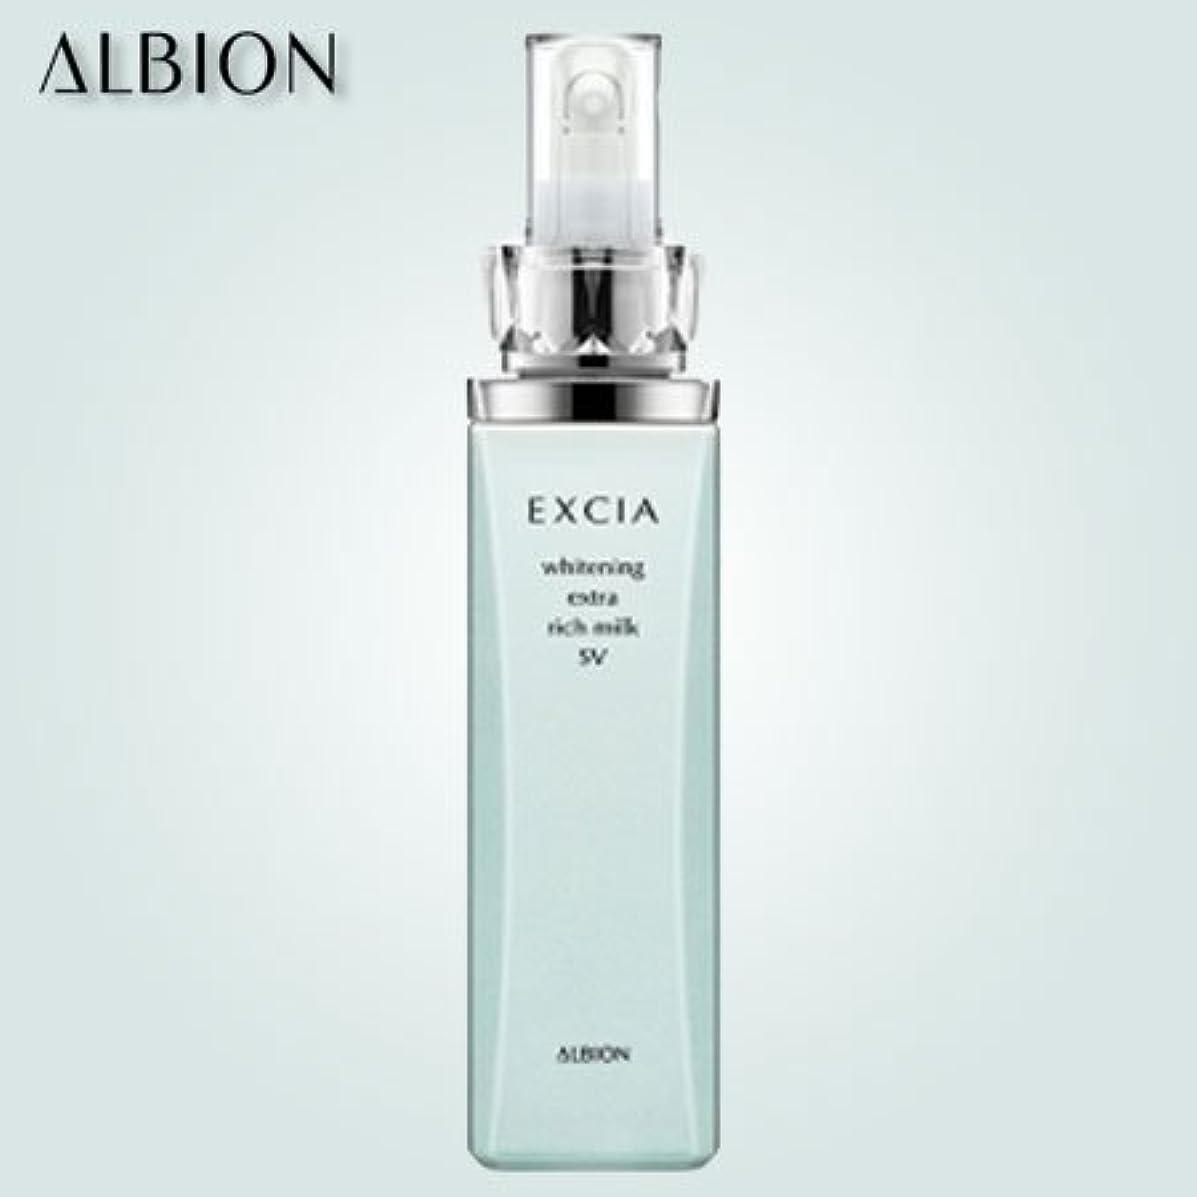 遊具きらめき酸素アルビオン エクシアAL ホワイトニング エクストラリッチミルク SV(ノーマル~ドライスキン用)200g-ALBION-